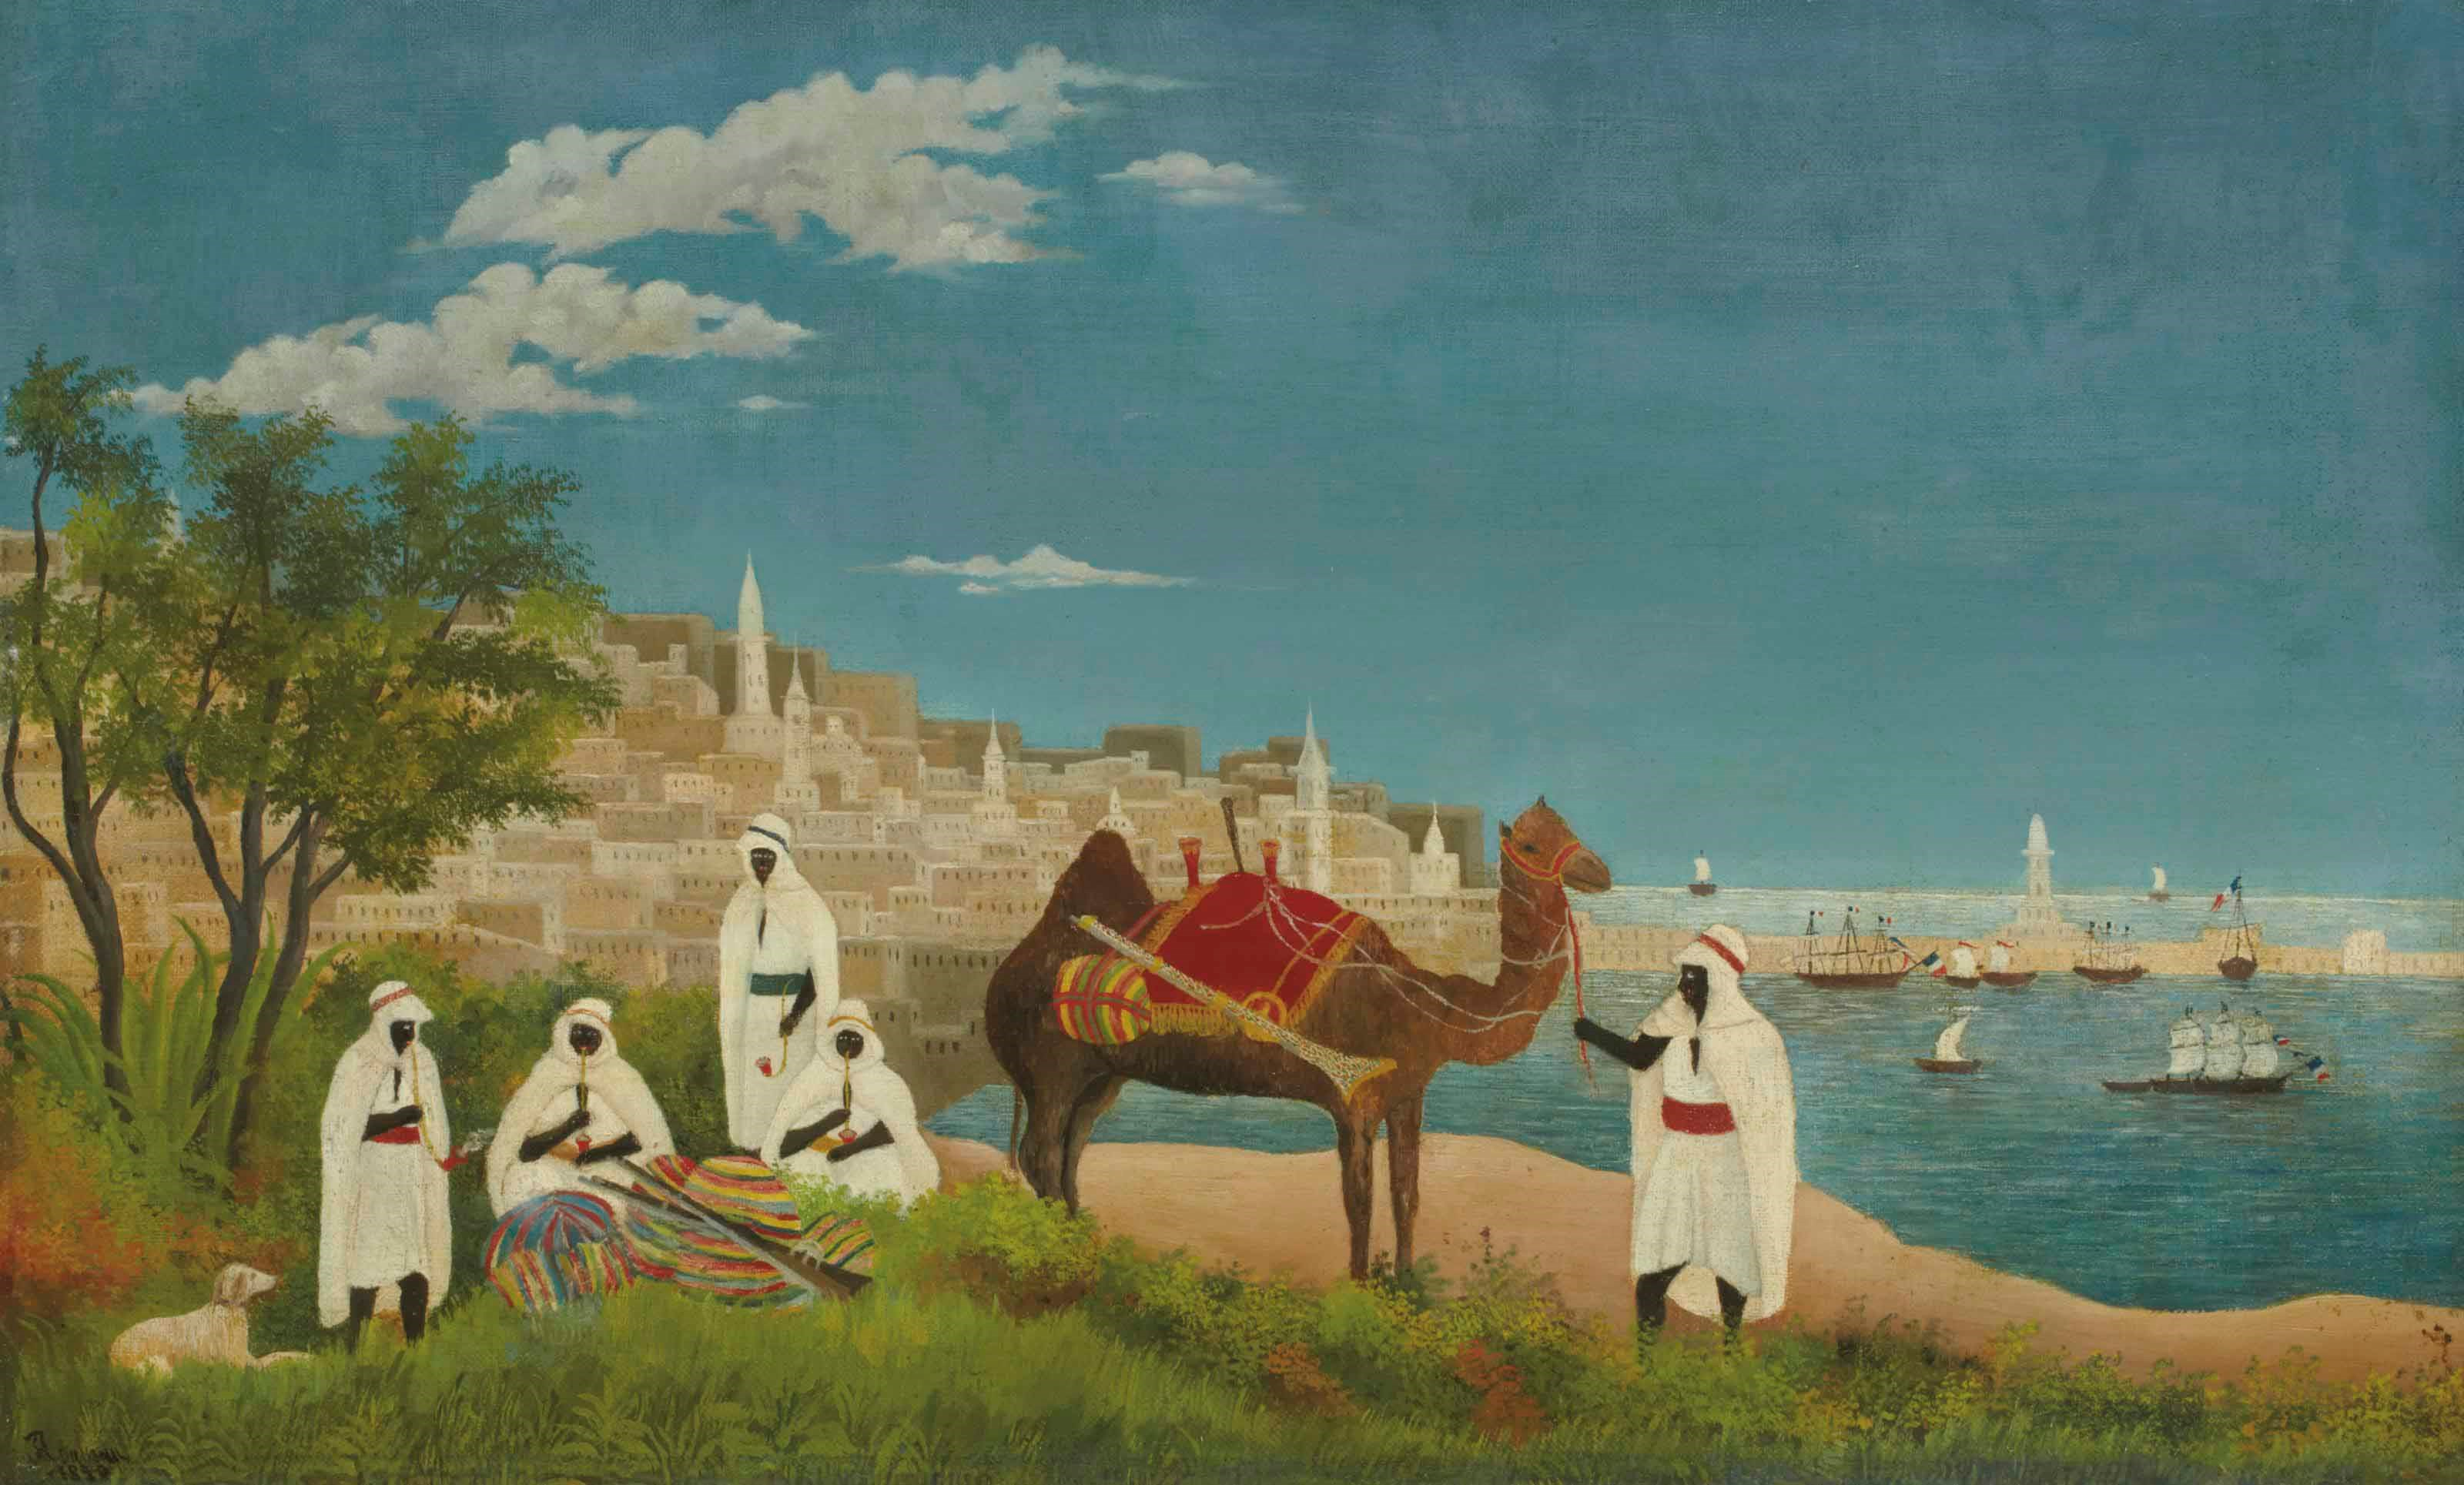 """""""海关关税员""""亨利・卢梭(1844-1910),《阿尔及尔风景》,1880年作。油彩 画布。37.8 x 60.8公分(14 ¾ x 24�迹�。此作于2012年5月23日在佳士得巴黎售出,成交价385,000欧元"""